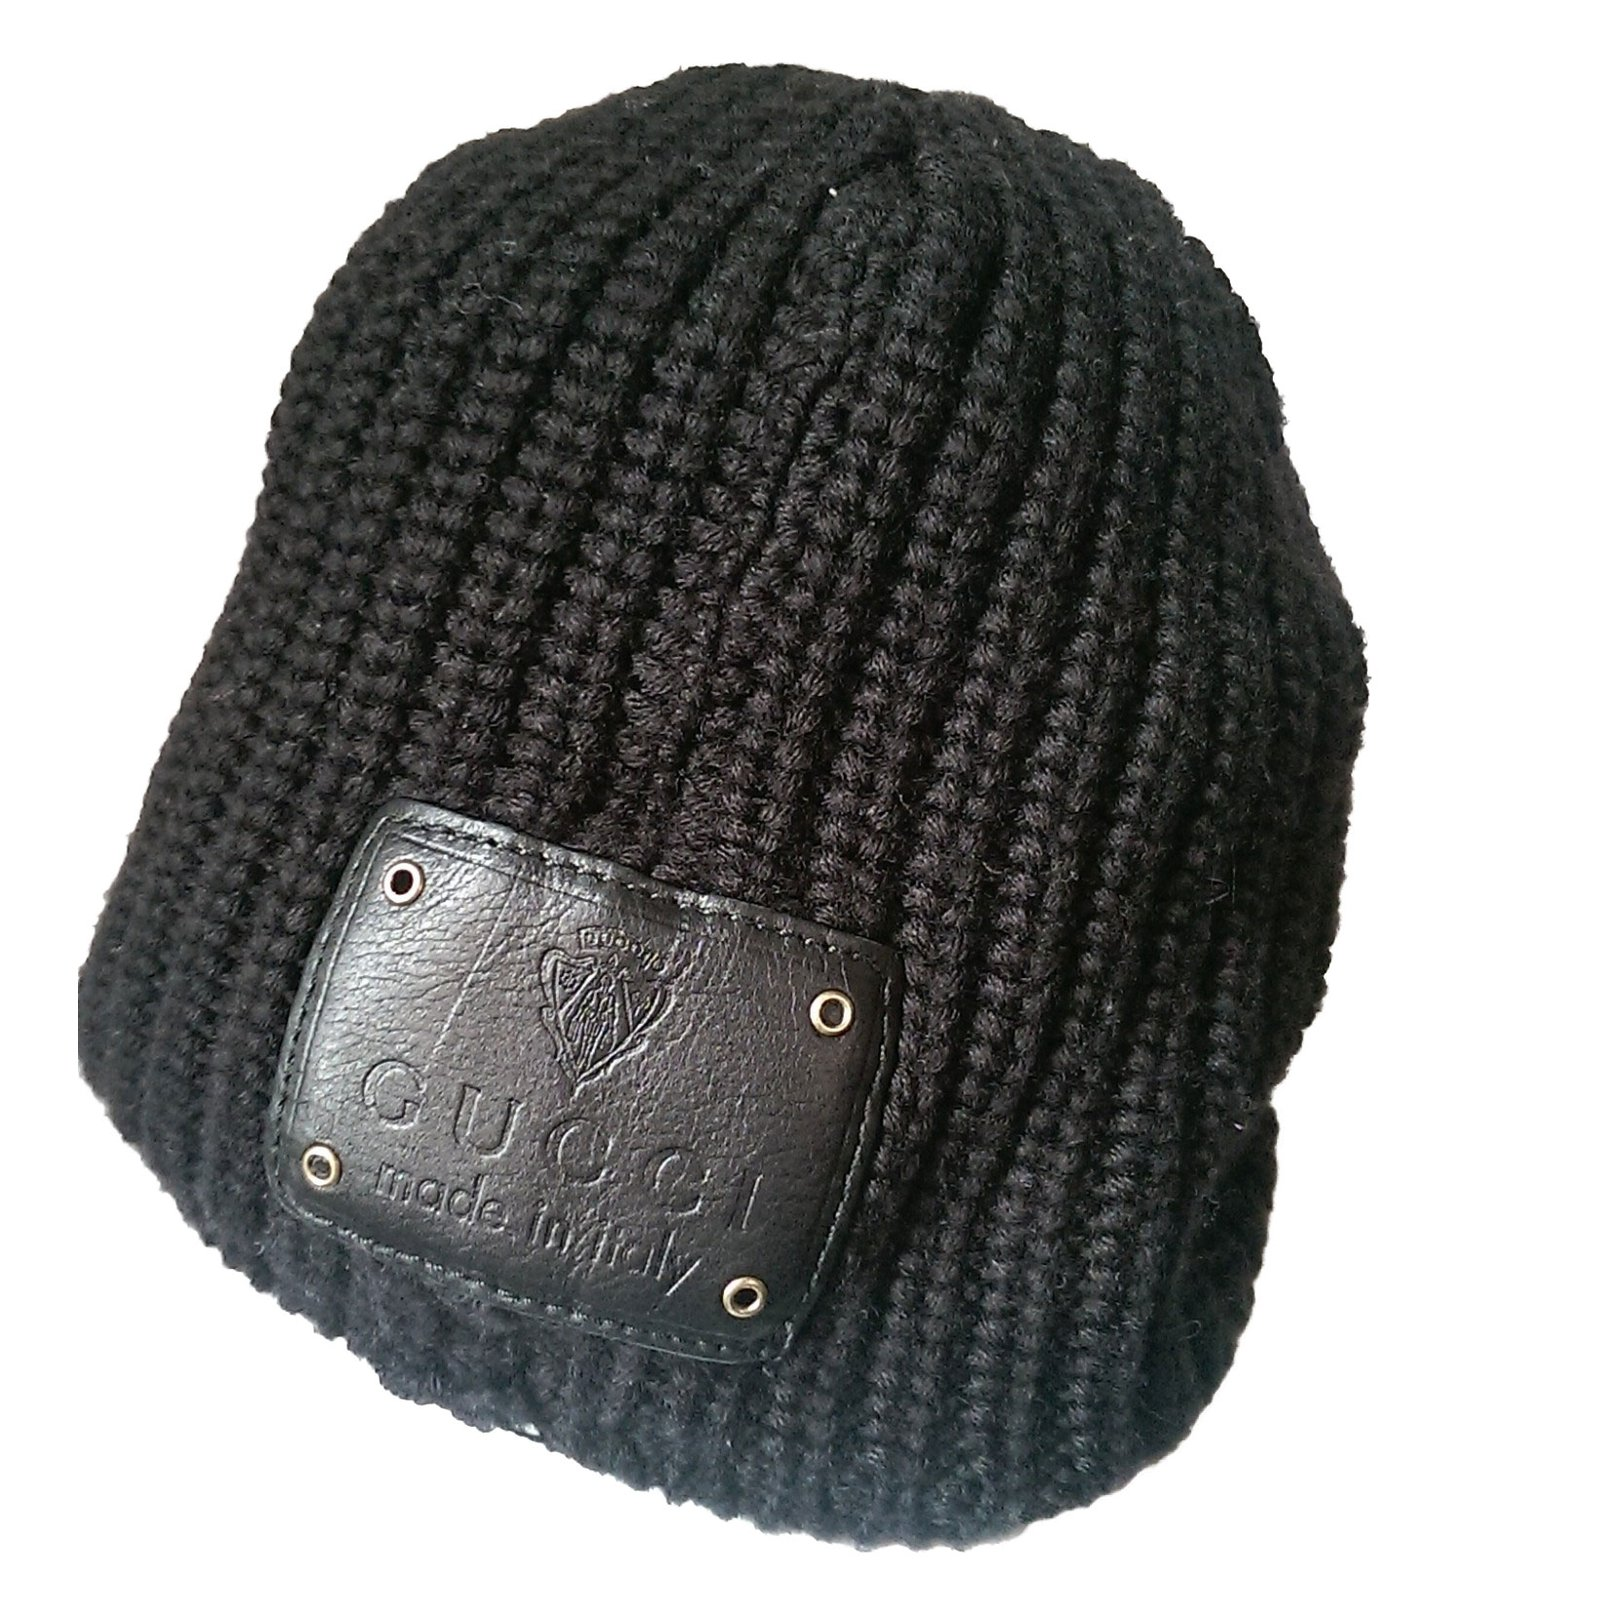 b4b9090d30dab Chapeaux Gucci Bonnet casquette Laine Noir ref.56191 - Joli Closet